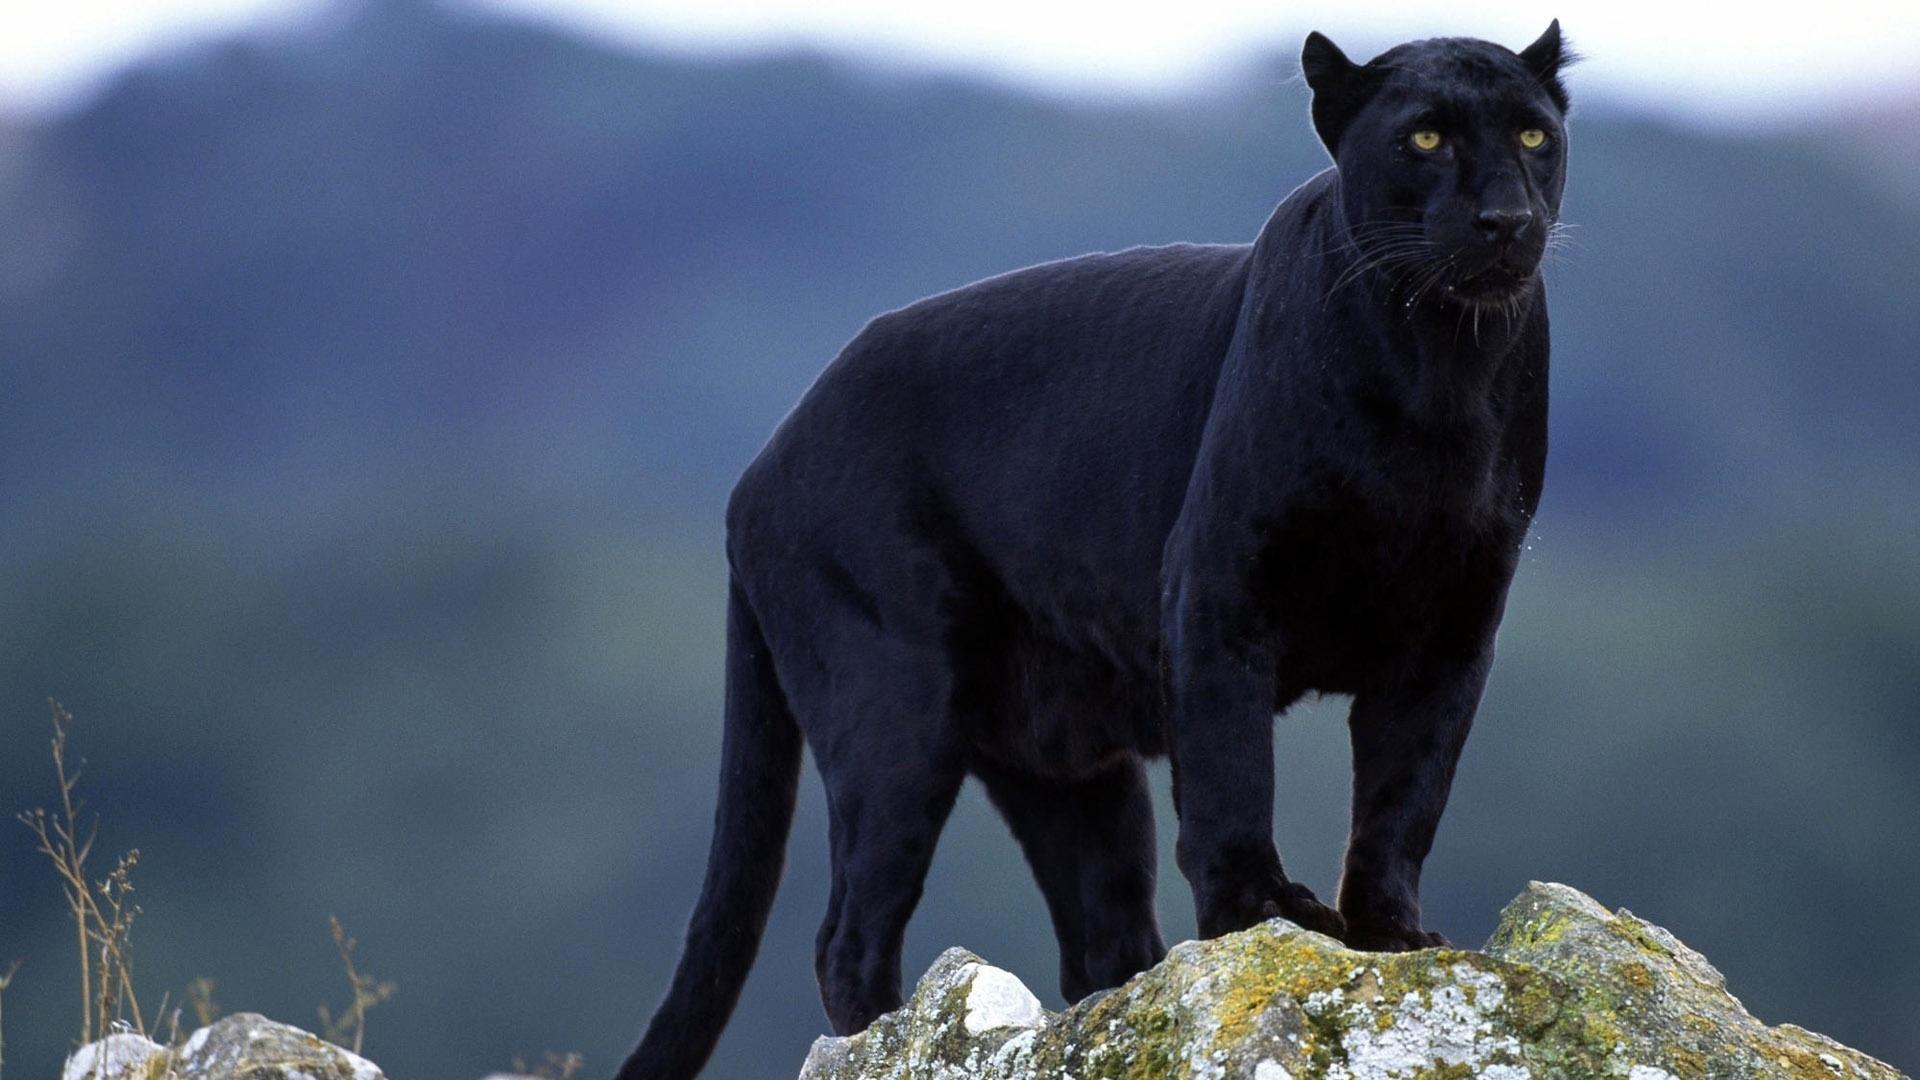 某些较小的猫科动物有时也被民间称为黑豹,比如黑色变异个体的金猫等.